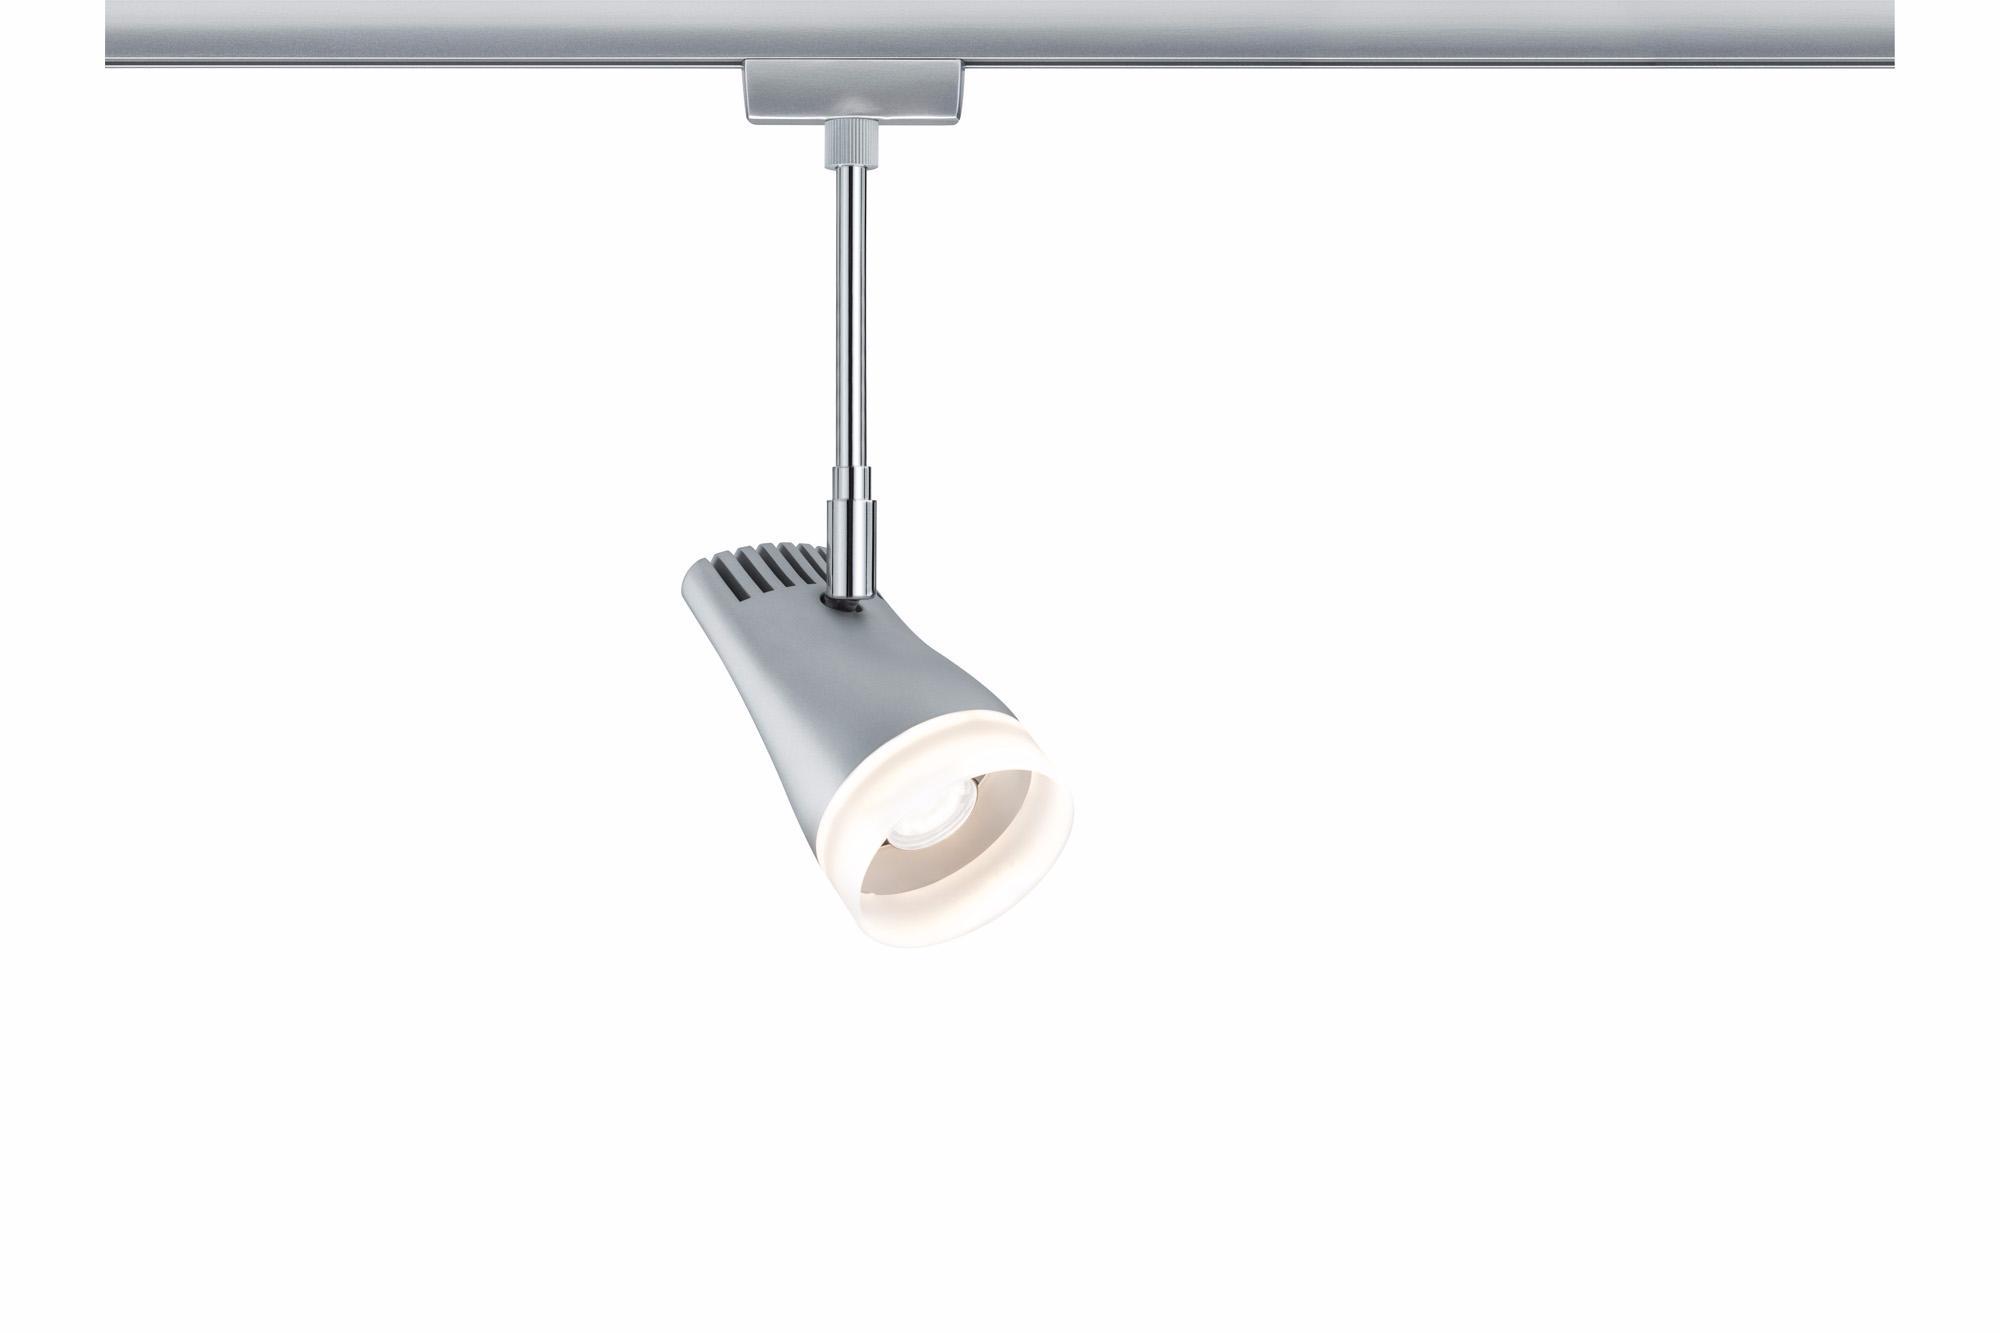 eclairage tableau eclairage sur rail plafond led spot drive 5 4w paulmann. Black Bedroom Furniture Sets. Home Design Ideas